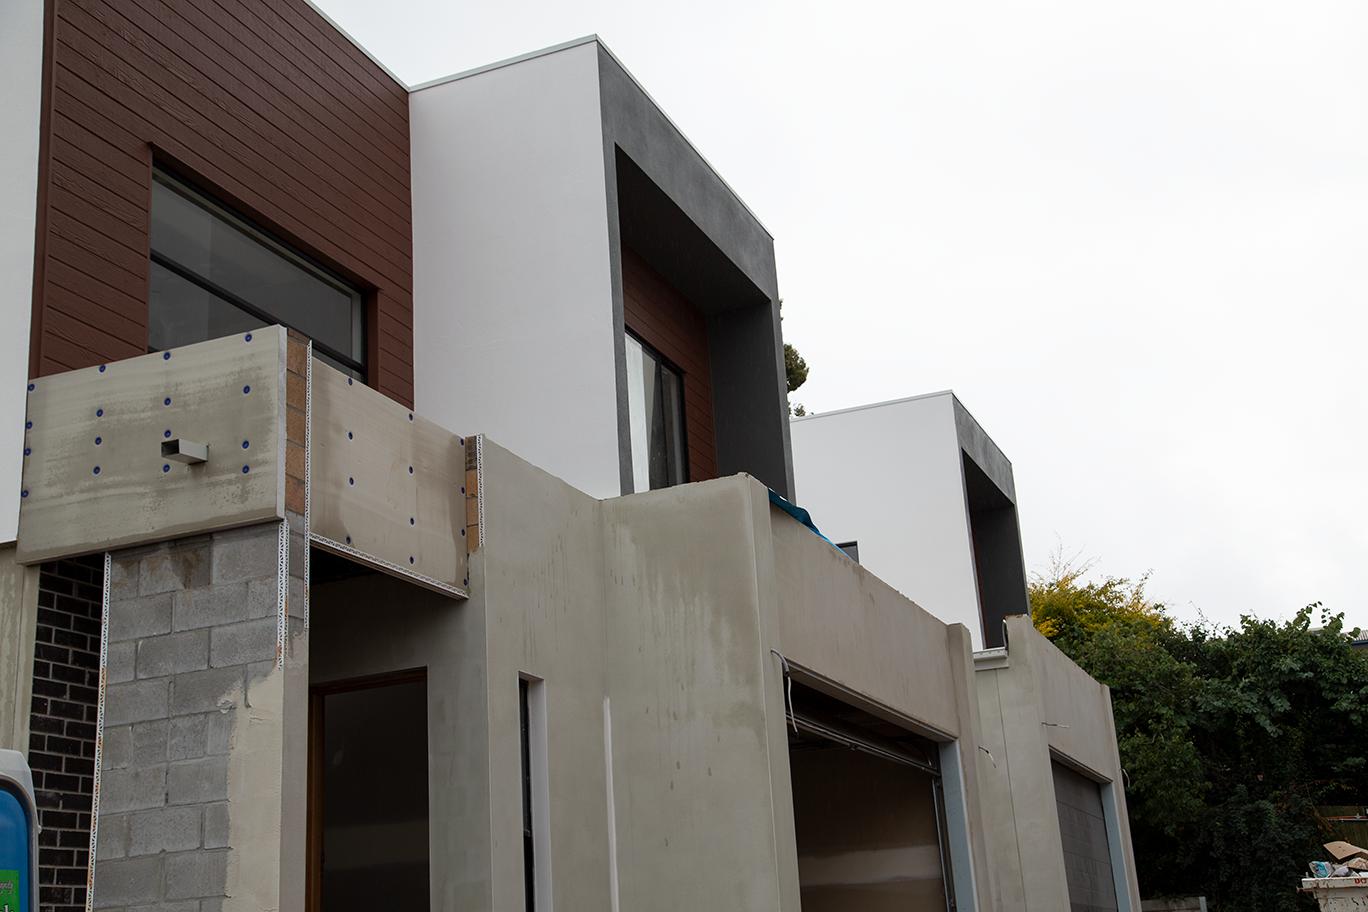 Stage 1 townhouse development in Mt Gravatt Brisbane